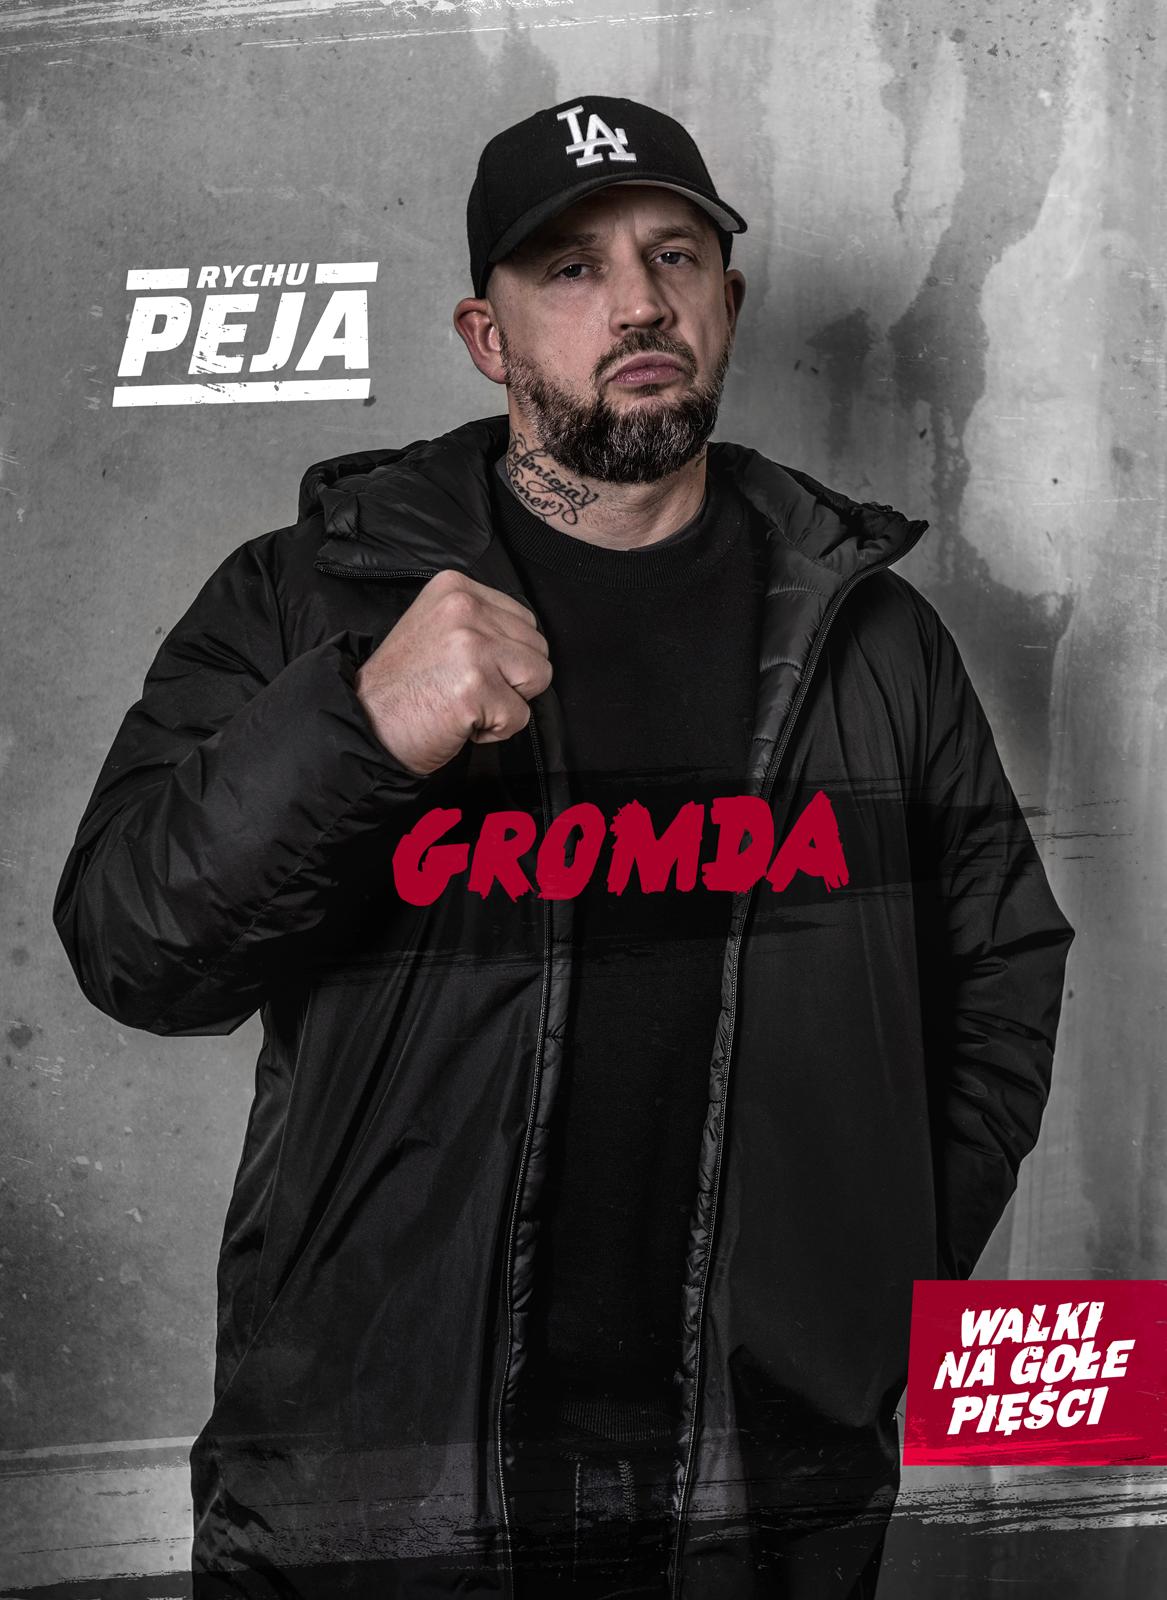 Peja Slums Attack legenda polskiego rapu w GROMDA: Walki na gołe pięści